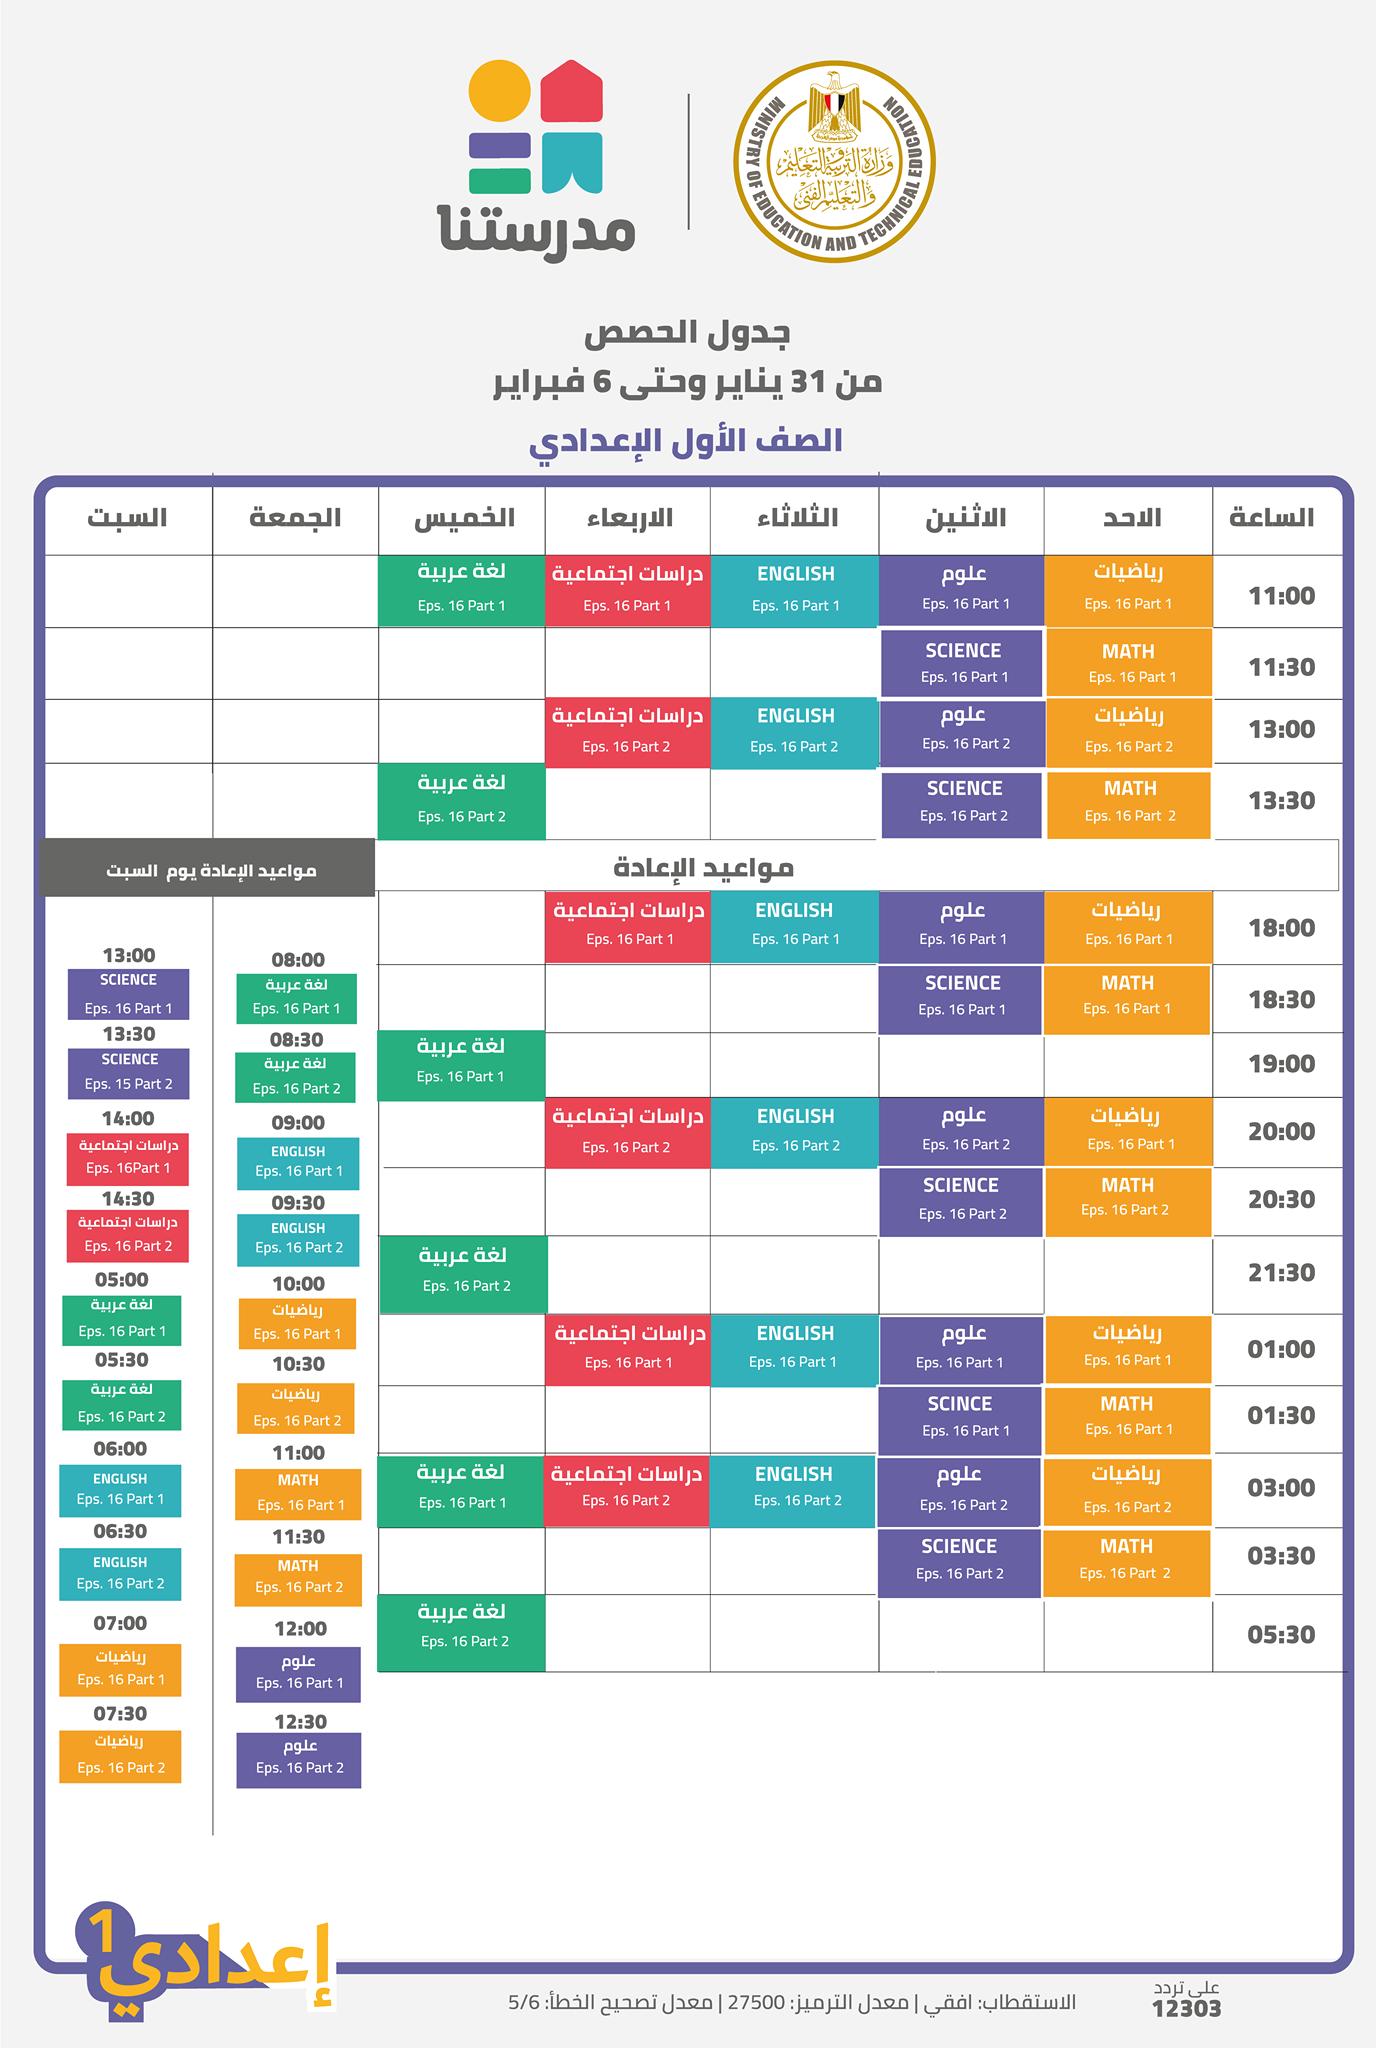 جدول مواعيد البرامج التعليمية علي قناة مدرستنا التعليمية من 31 يناير إلي 6 فبراير 2021 7